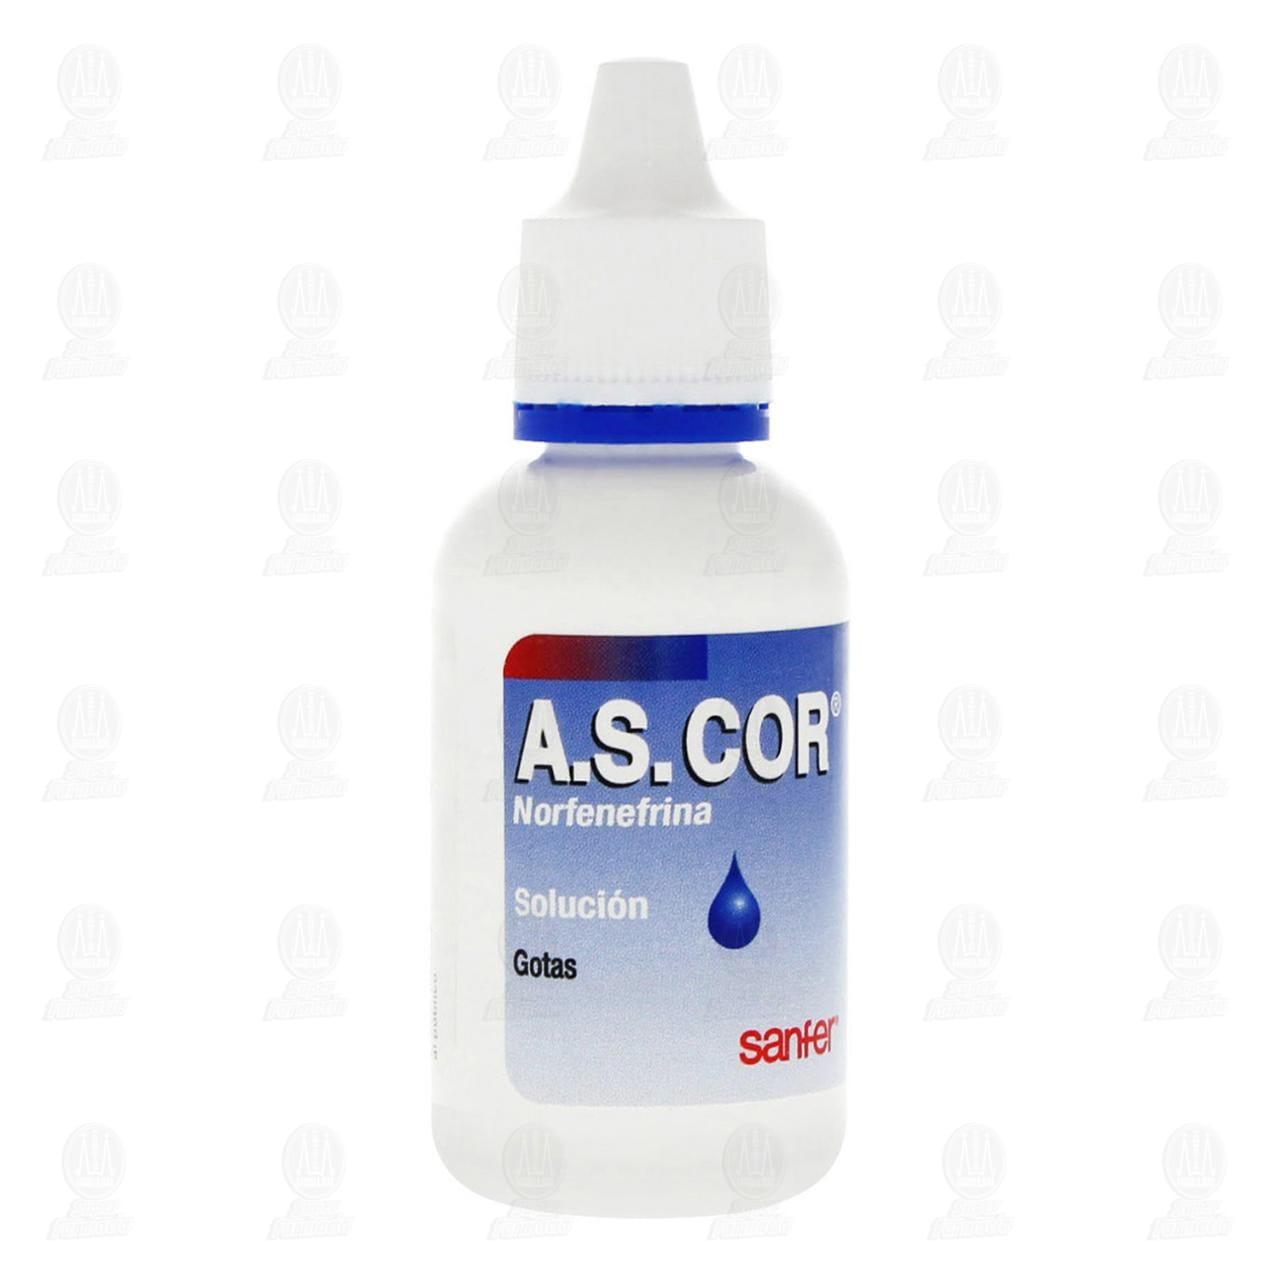 A.S. Cor 24ml Gotas